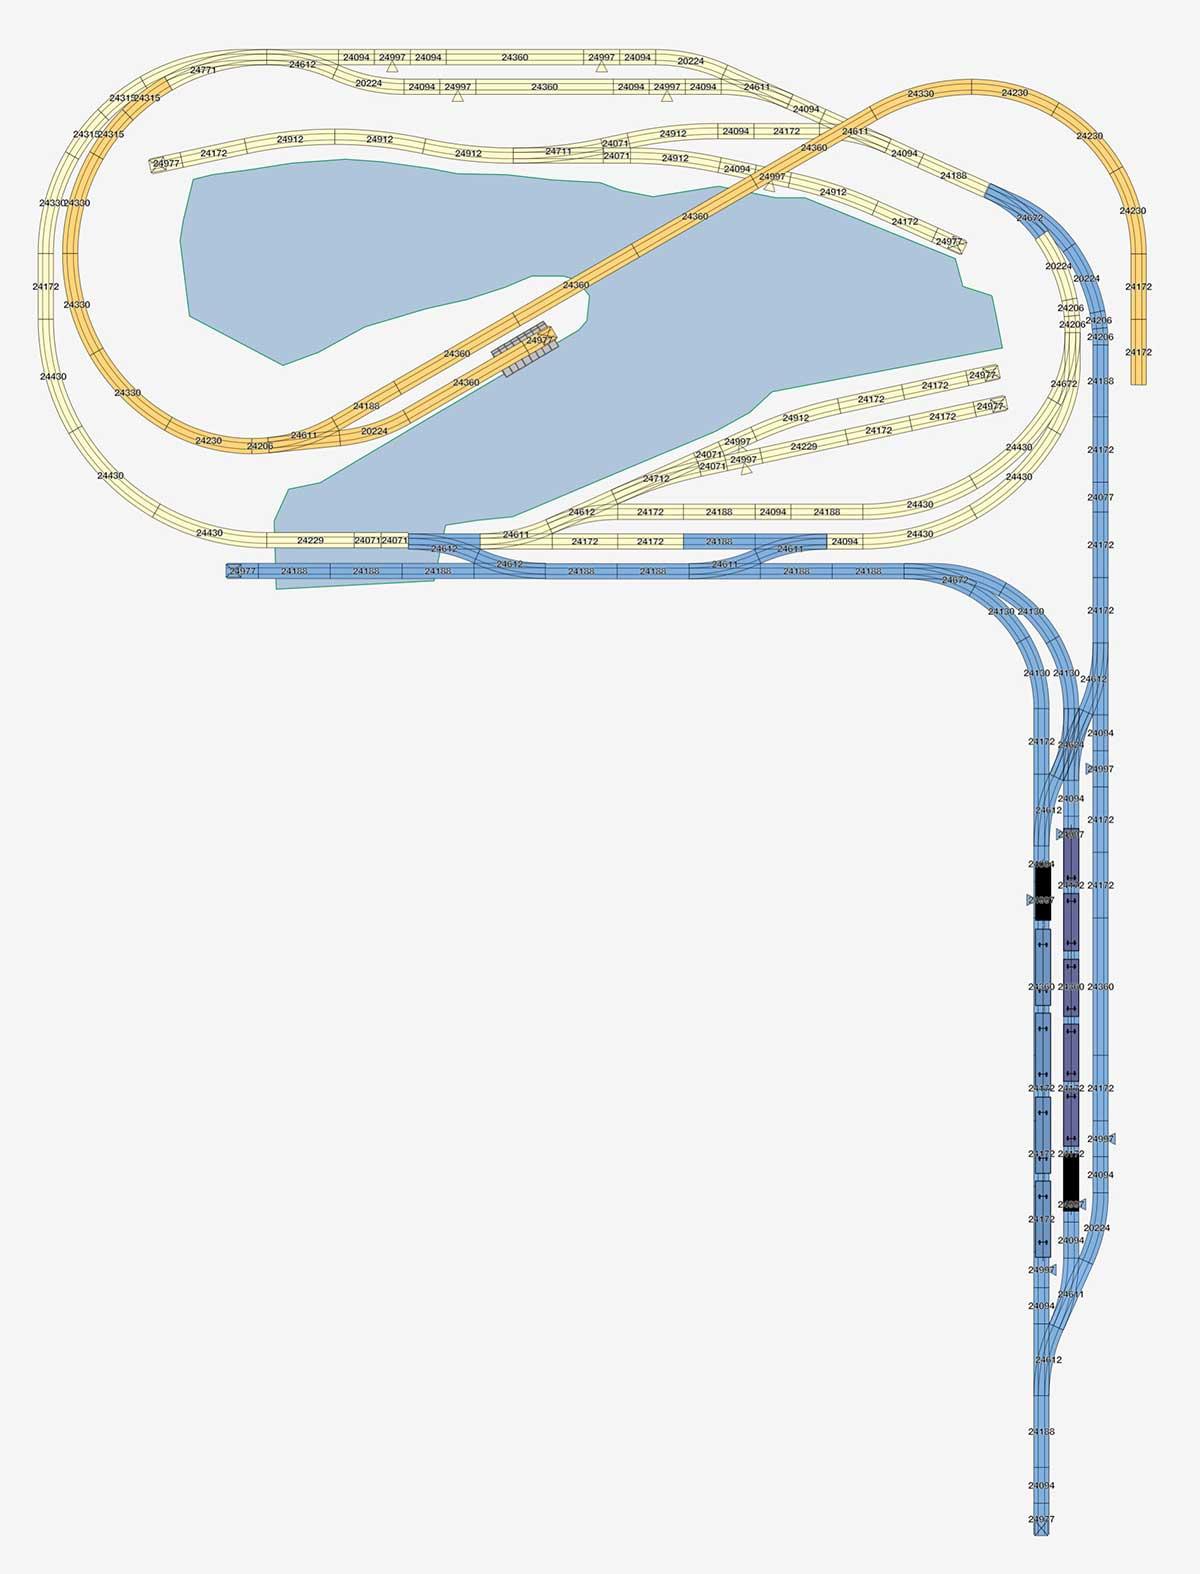 Version mit kleinem Schattenbahnhof